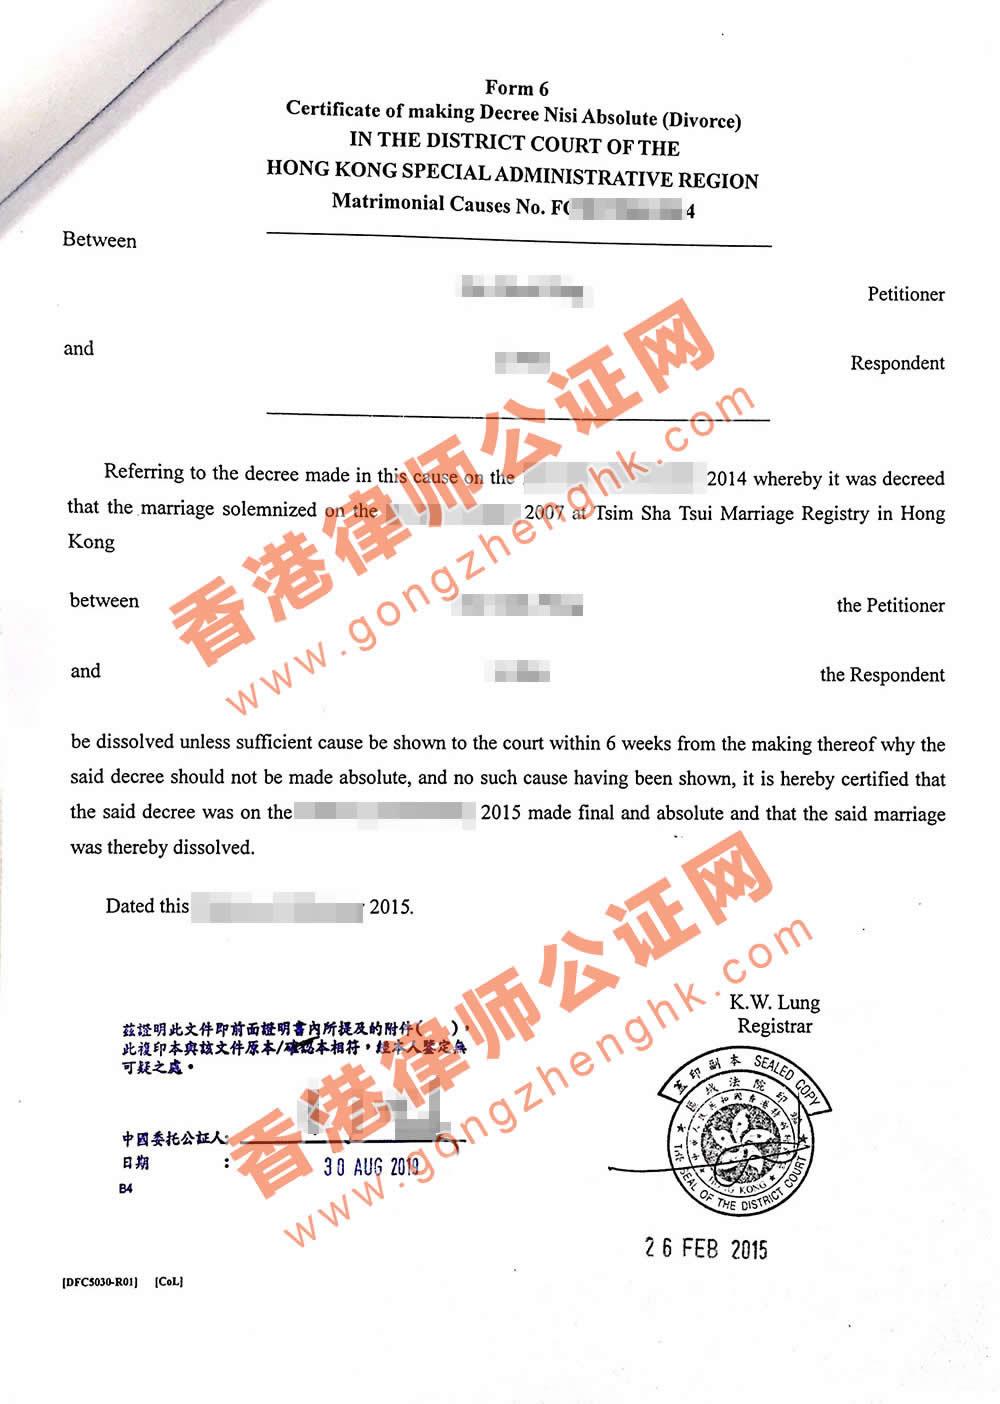 香港离婚证公证样本